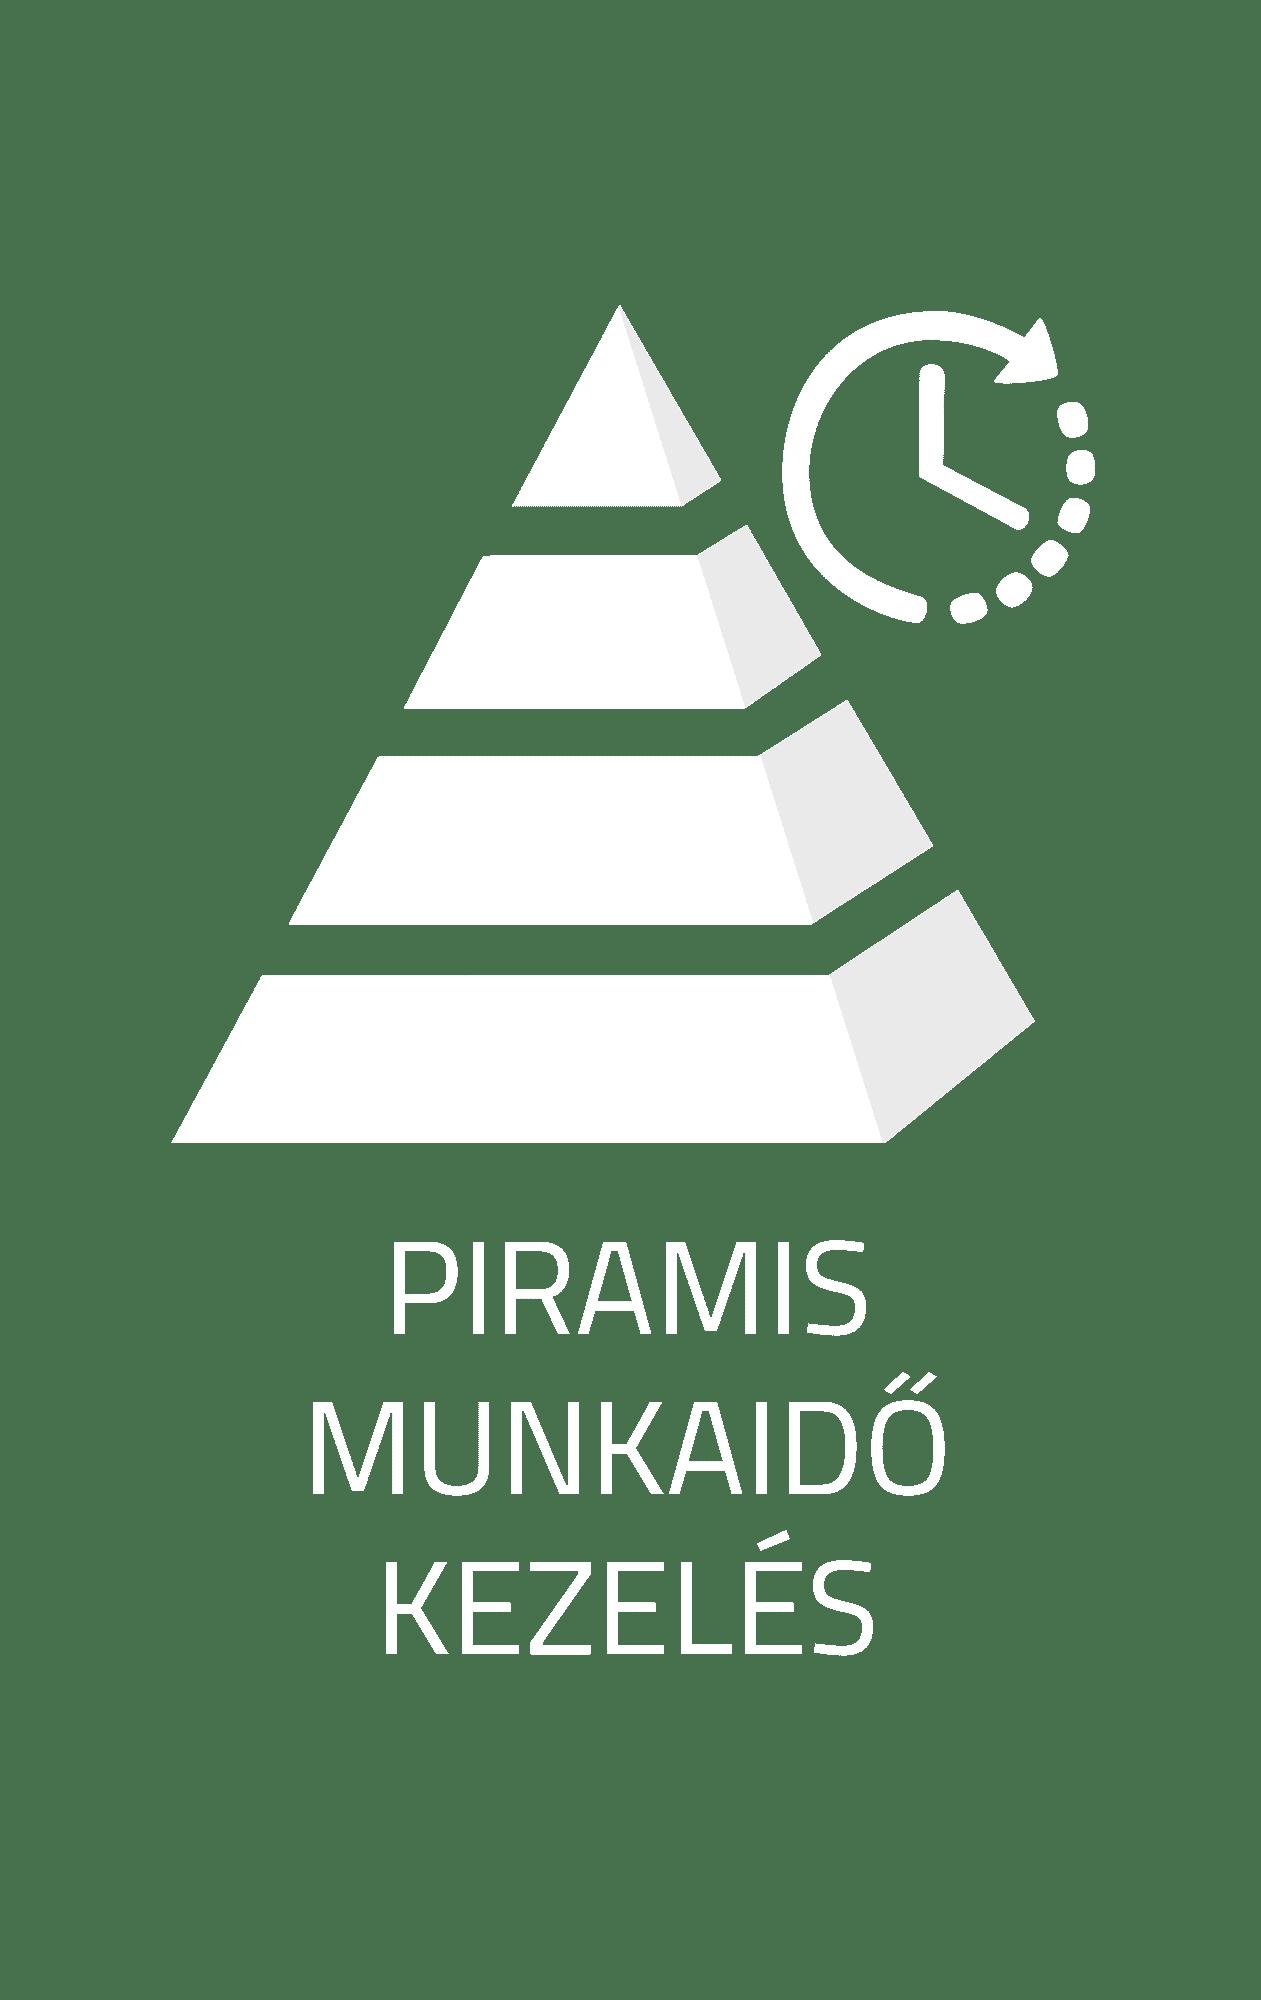 Piramis munkaidő kezelés